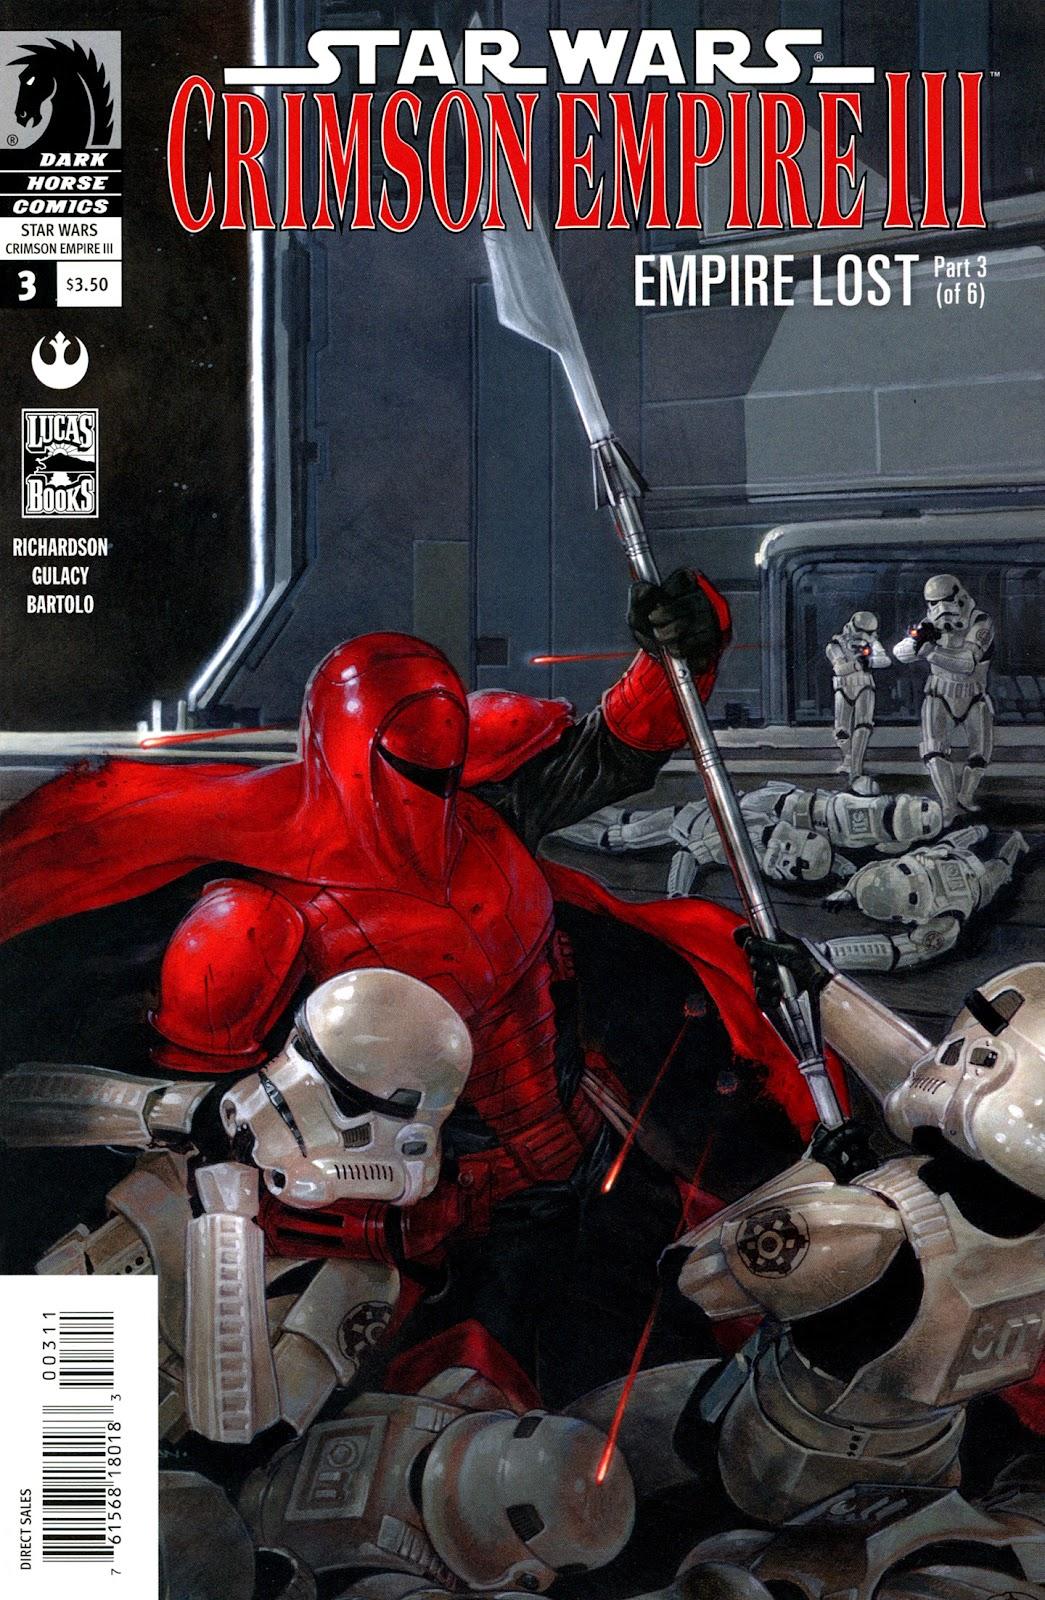 Star Wars: Crimson Empire III - Empire Lost 3 Page 1